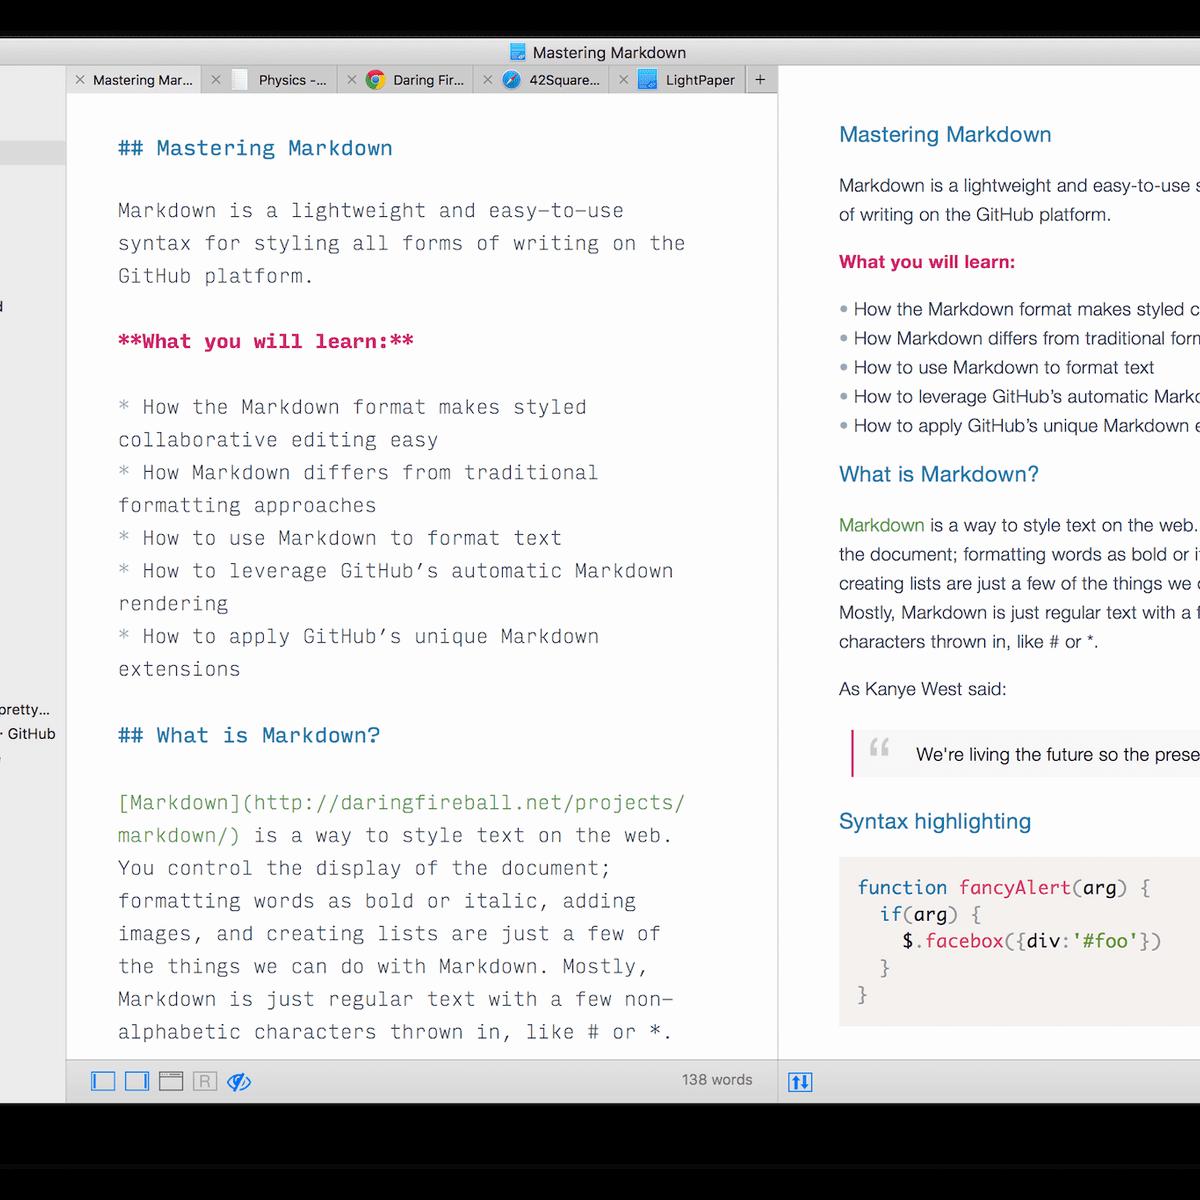 LightPaper Alternatives and Similar Software - AlternativeTo net